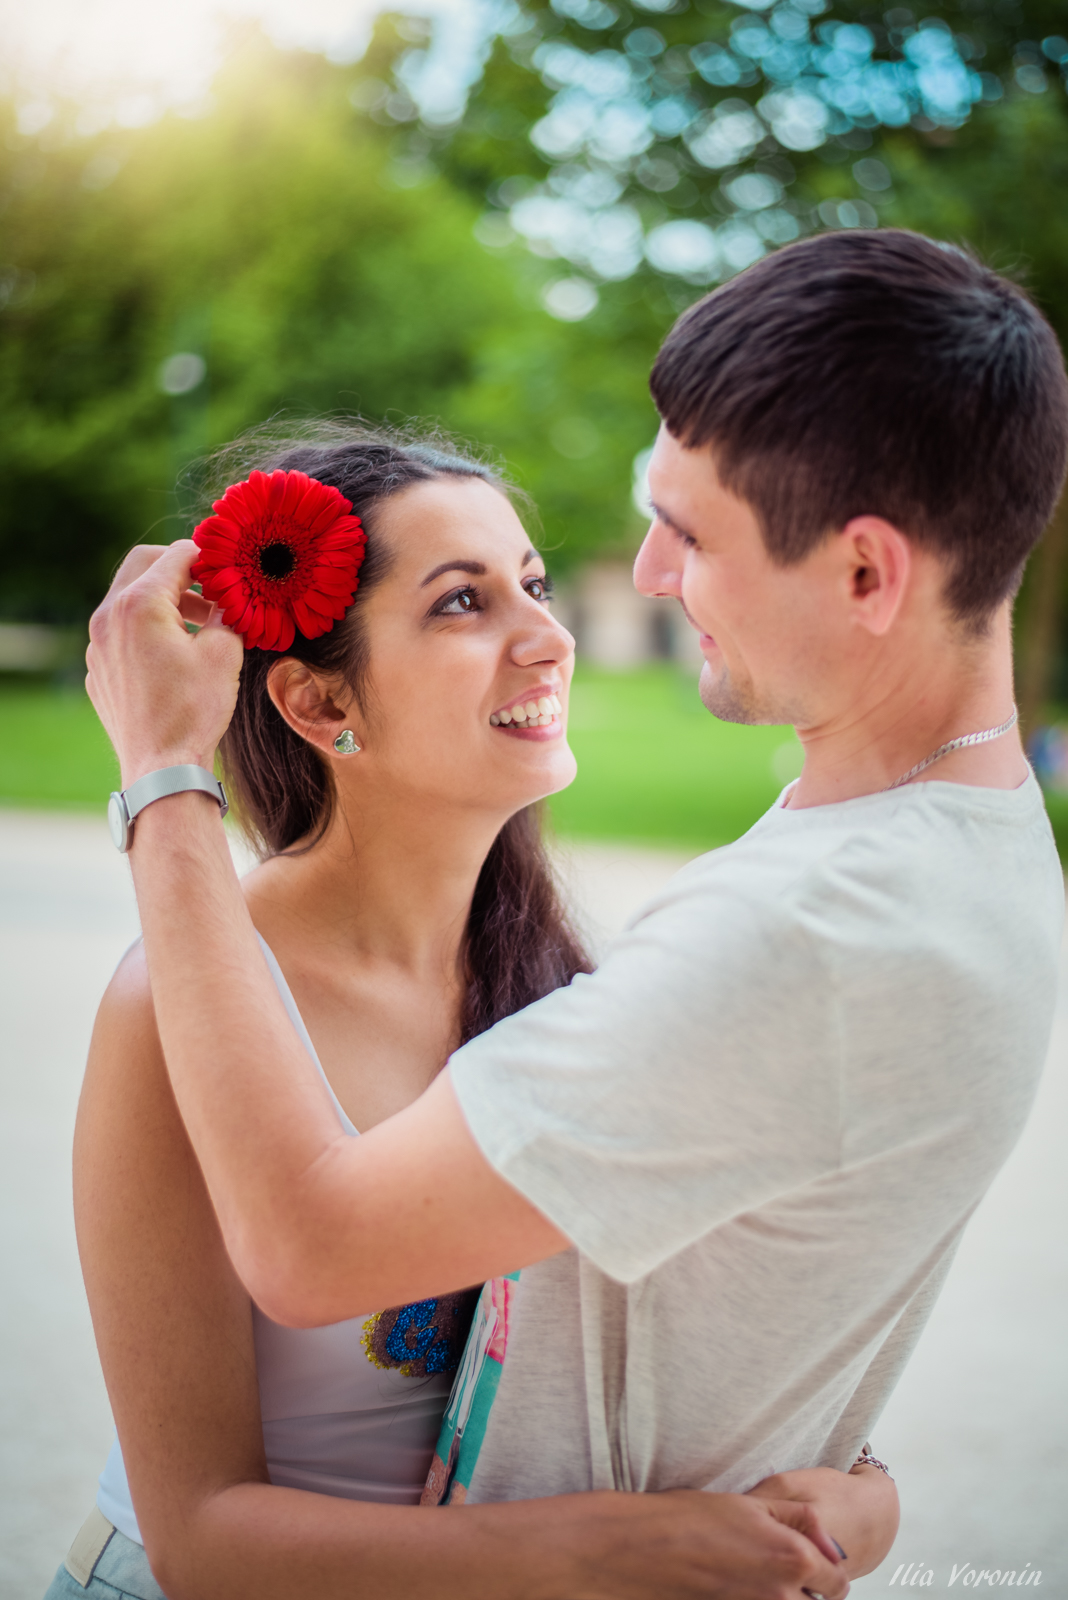 predporočno fotografiranje, zaročno fotografiranje, romantično fotografiranje, fotografiranje parov, poročno fotografiranje, družinsko fotografiranje, poročni fotograf, profesionalni fotograf, fotograf v Ljubljani, v Mariboru, v Kranju, v Celju, na gorenjskem, na obali, na primorskem, na koroškem, v prekmurju